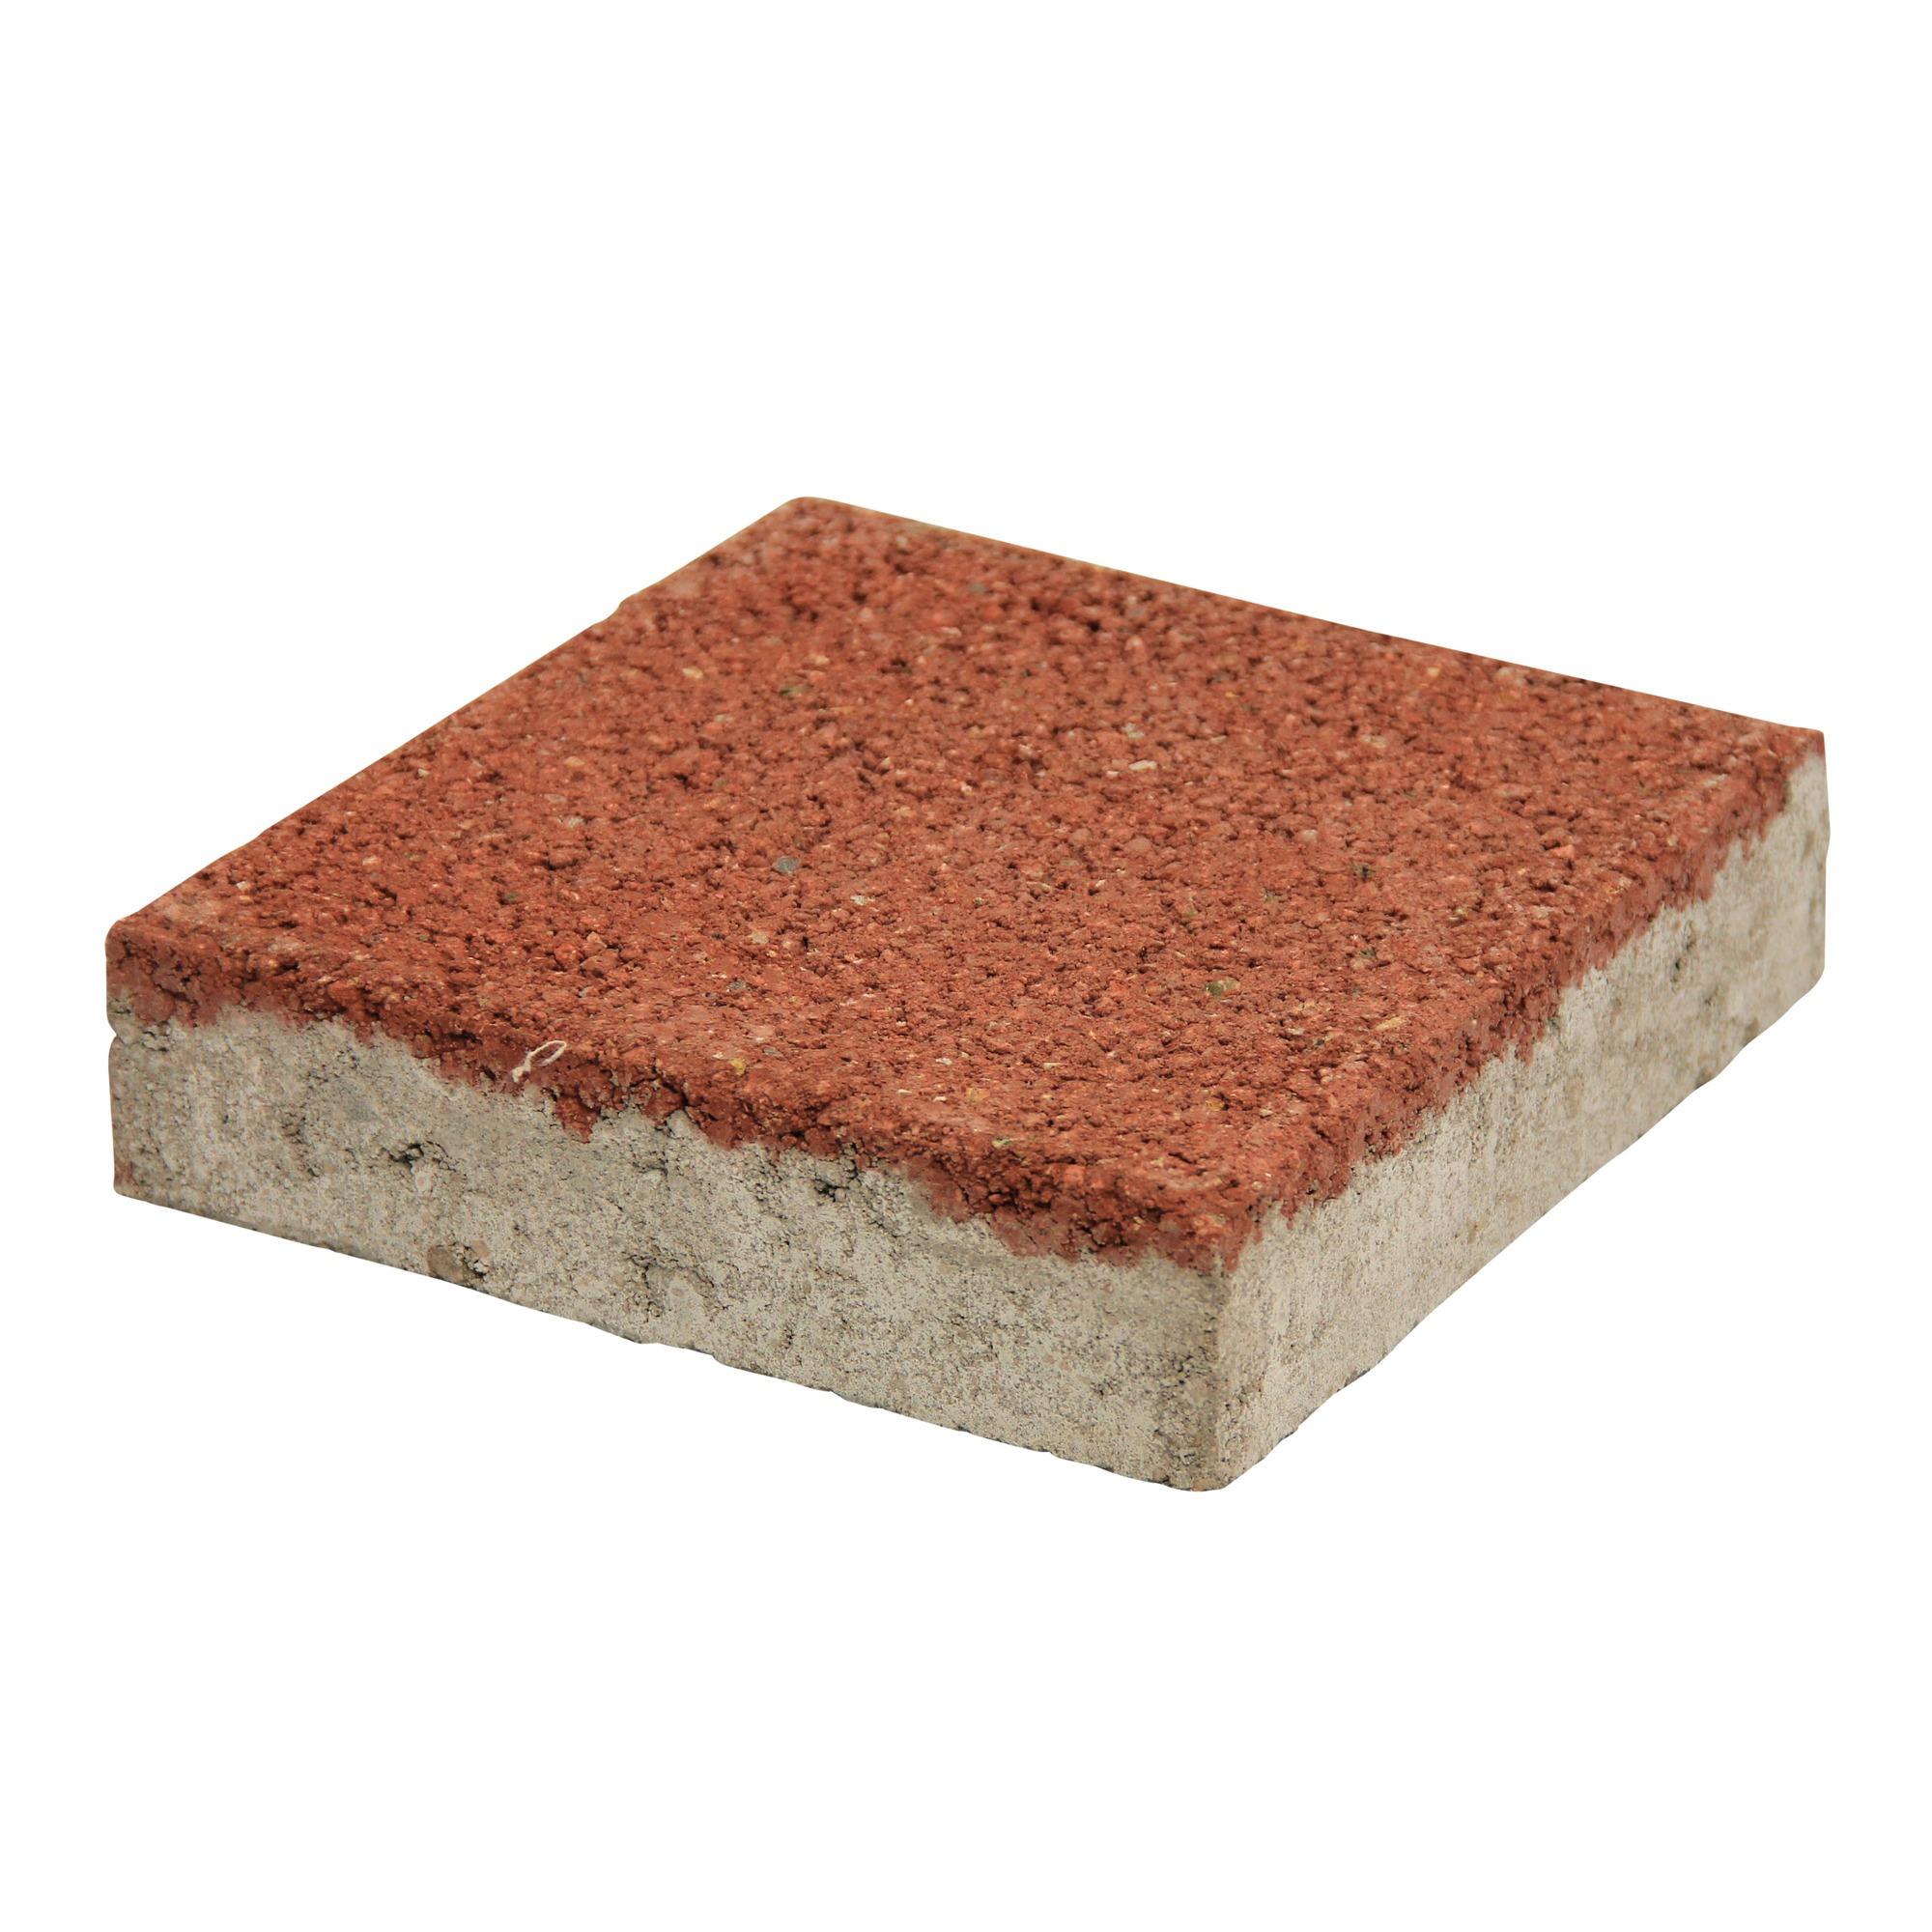 Pasblok Beton Rood 20x20 cm - Per Stuk - 0,04 m2